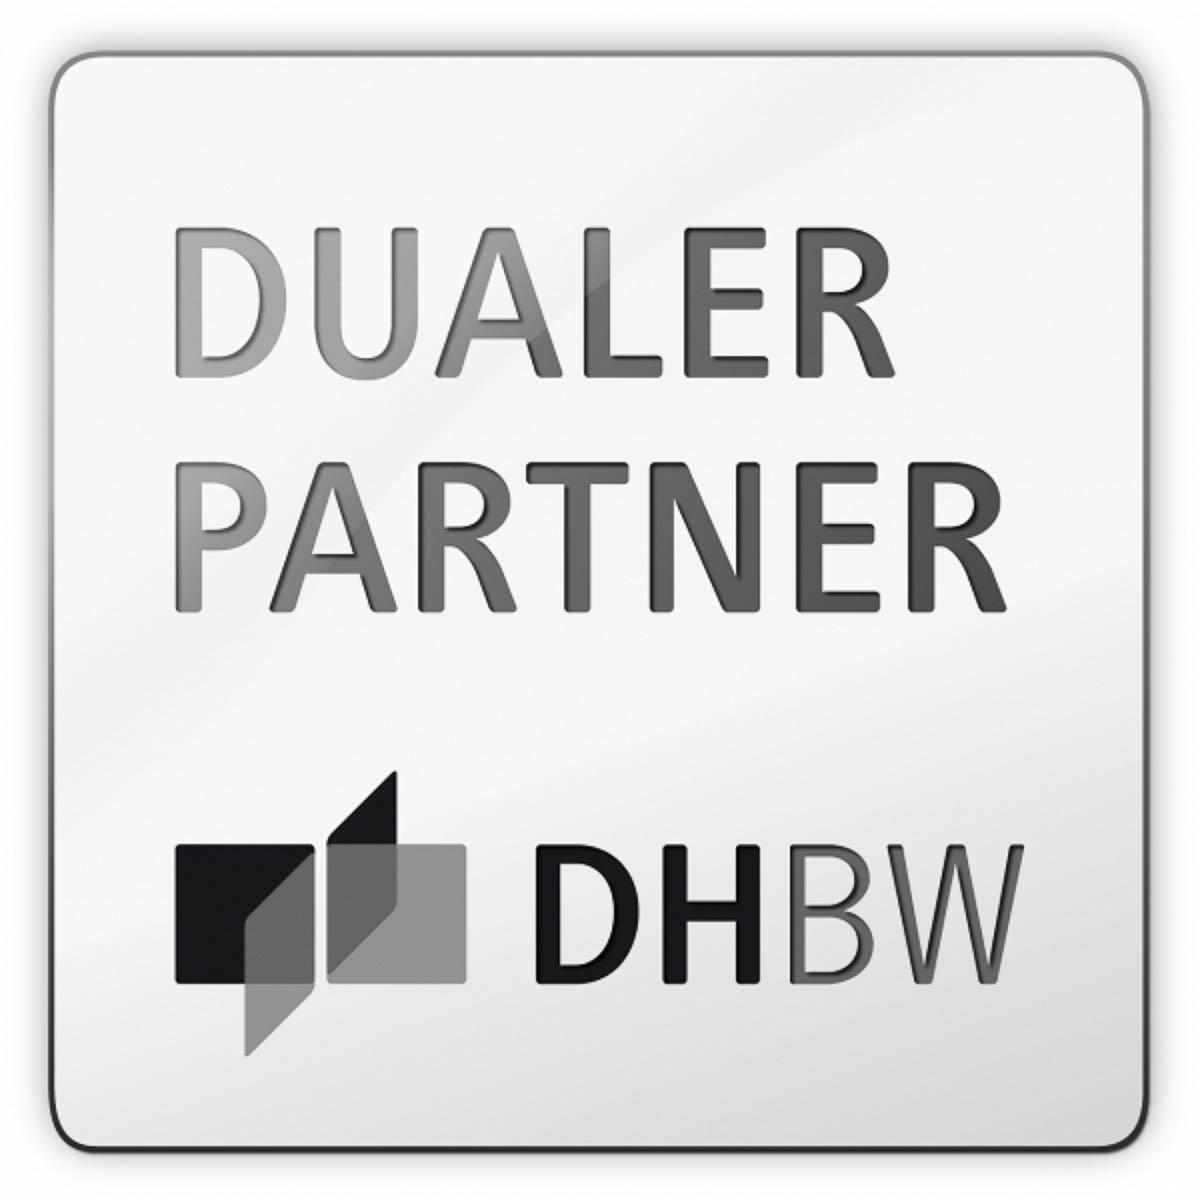 Karriere Dualer Partner Siegel helag-electronic Nagold